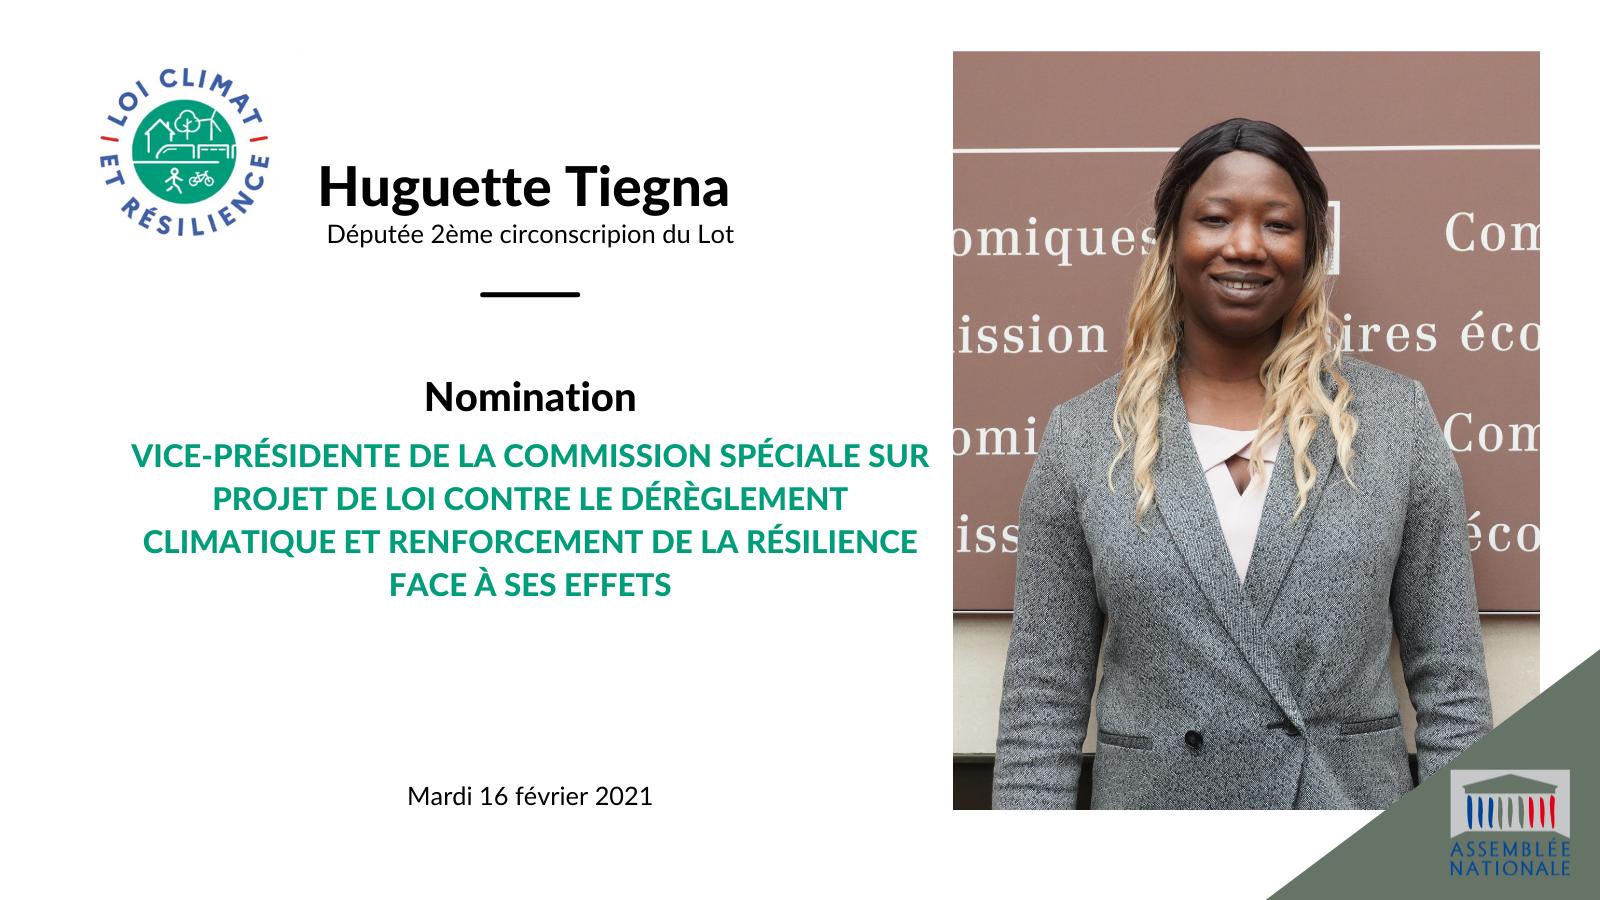 Huguette Tiegna nommée Vice-Présidente de la commission spéciale